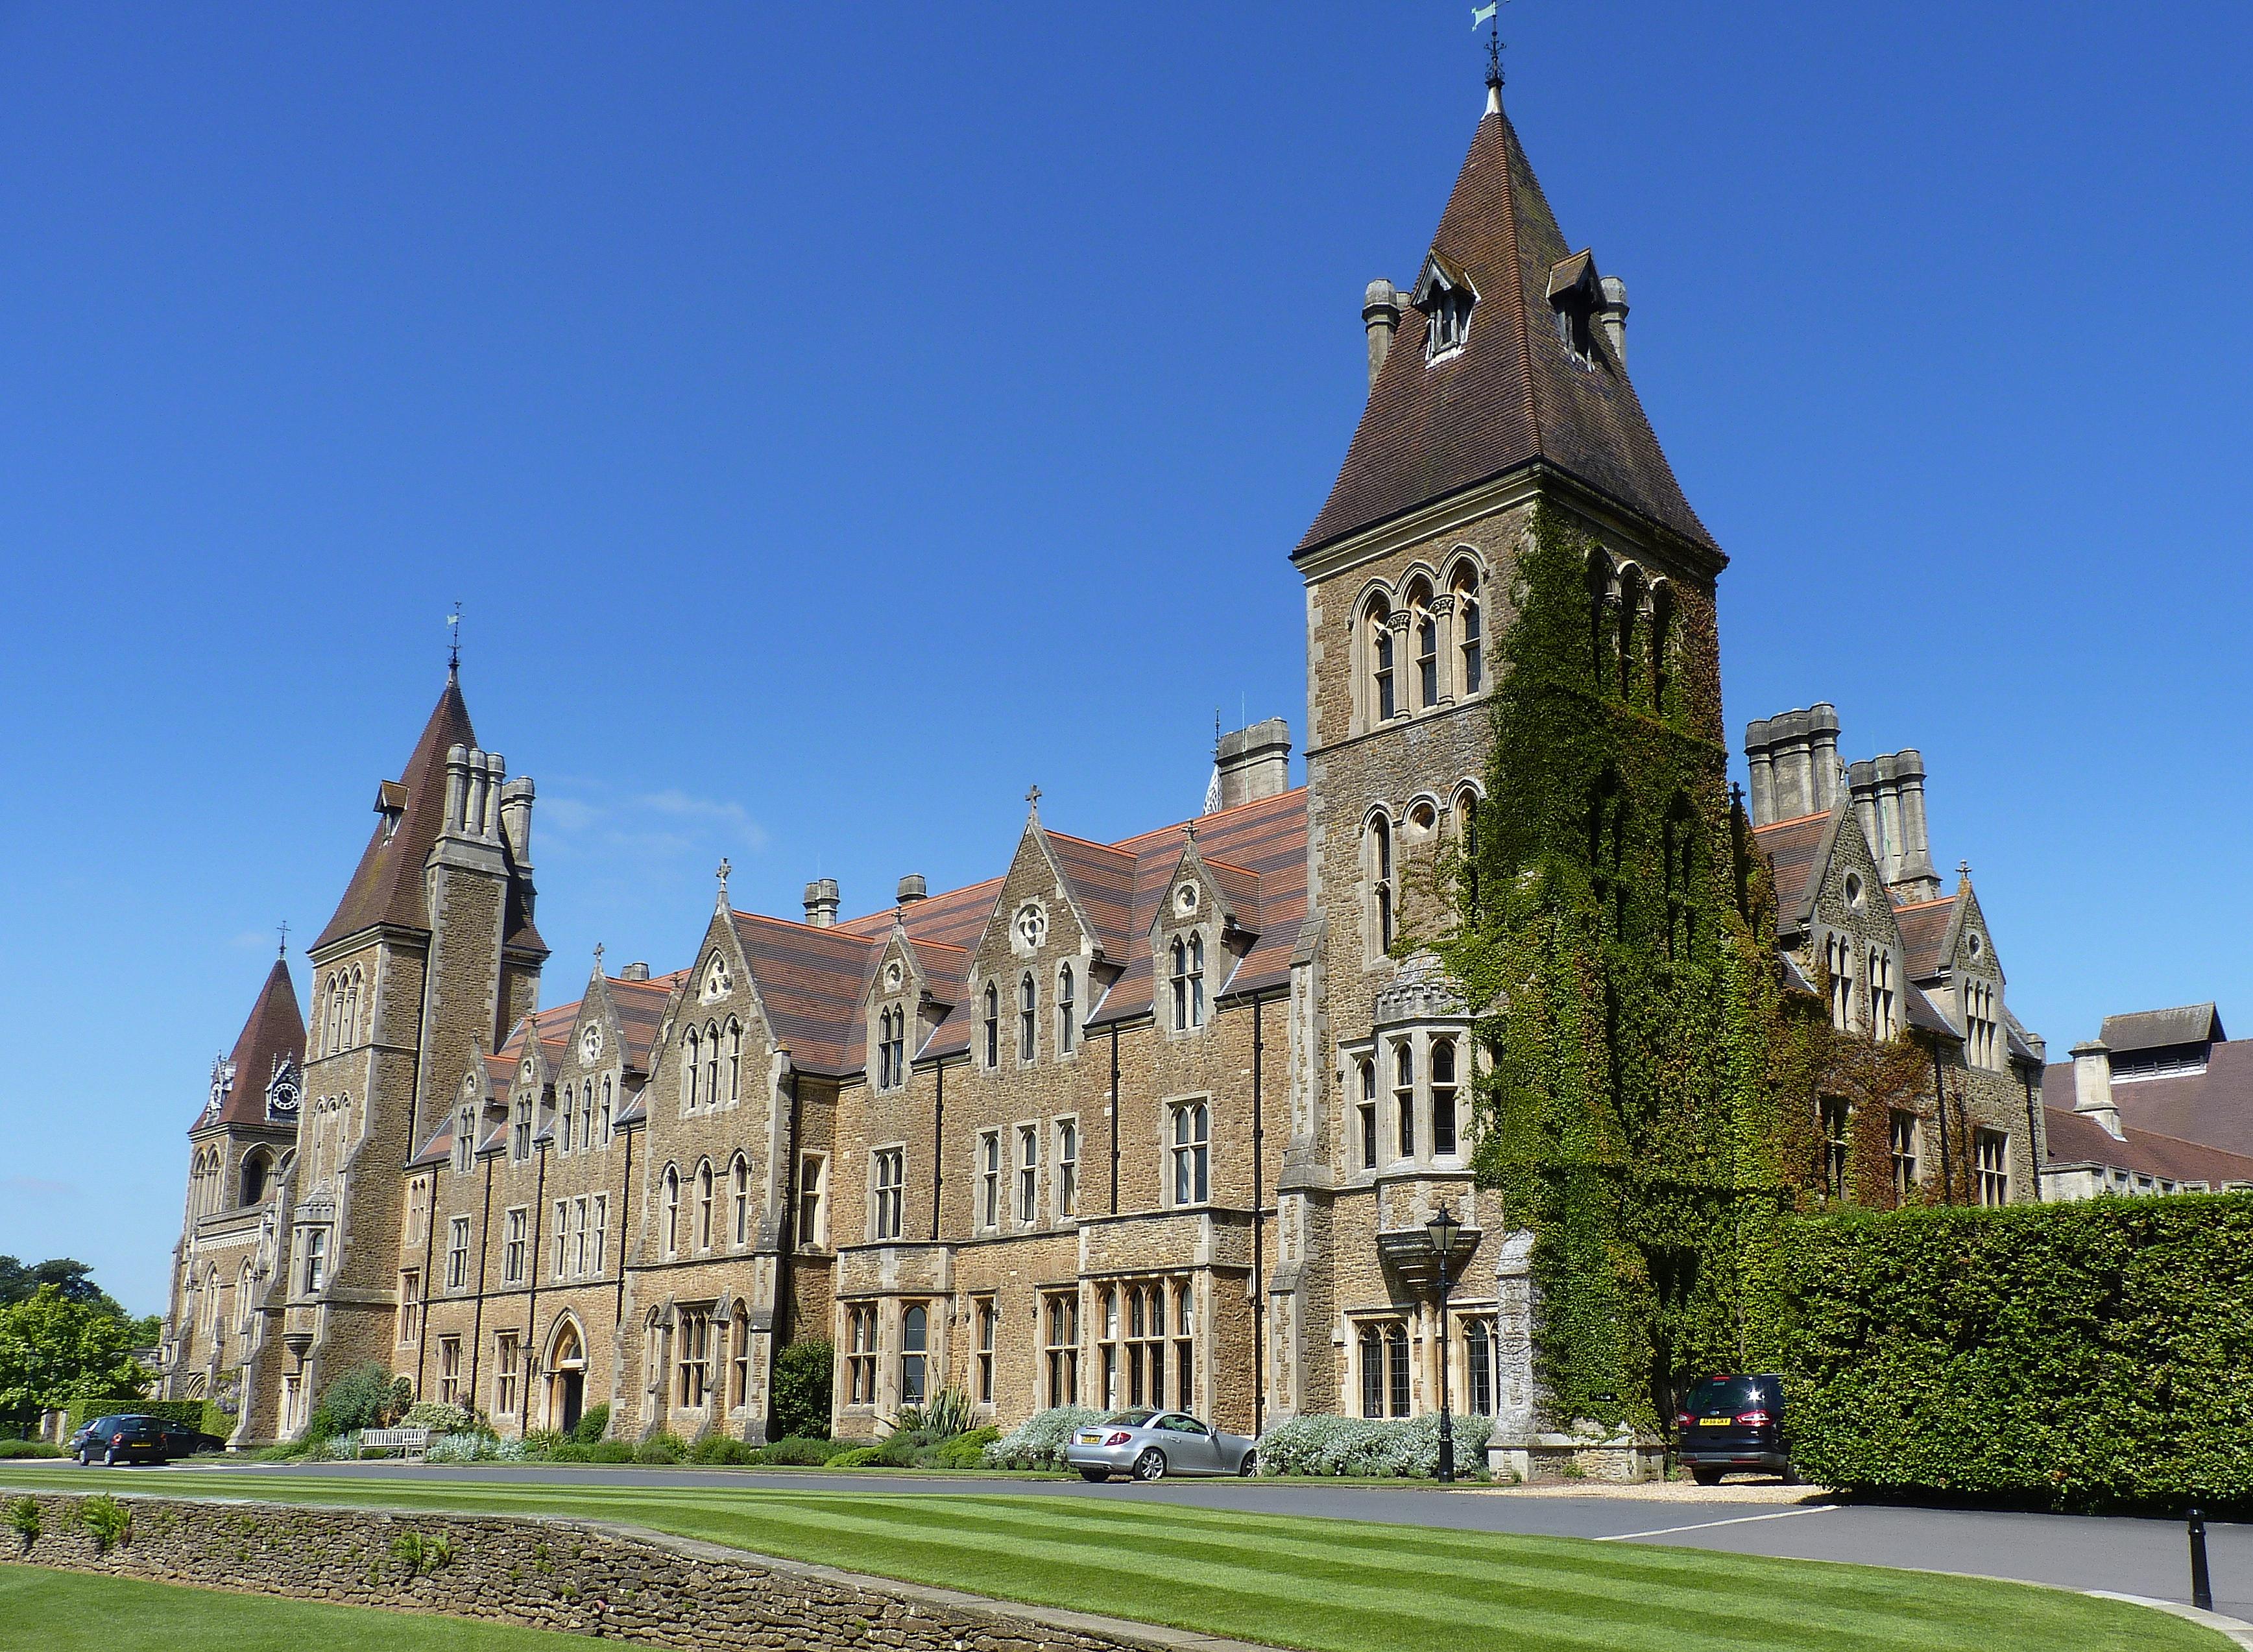 [[Charterhouse School